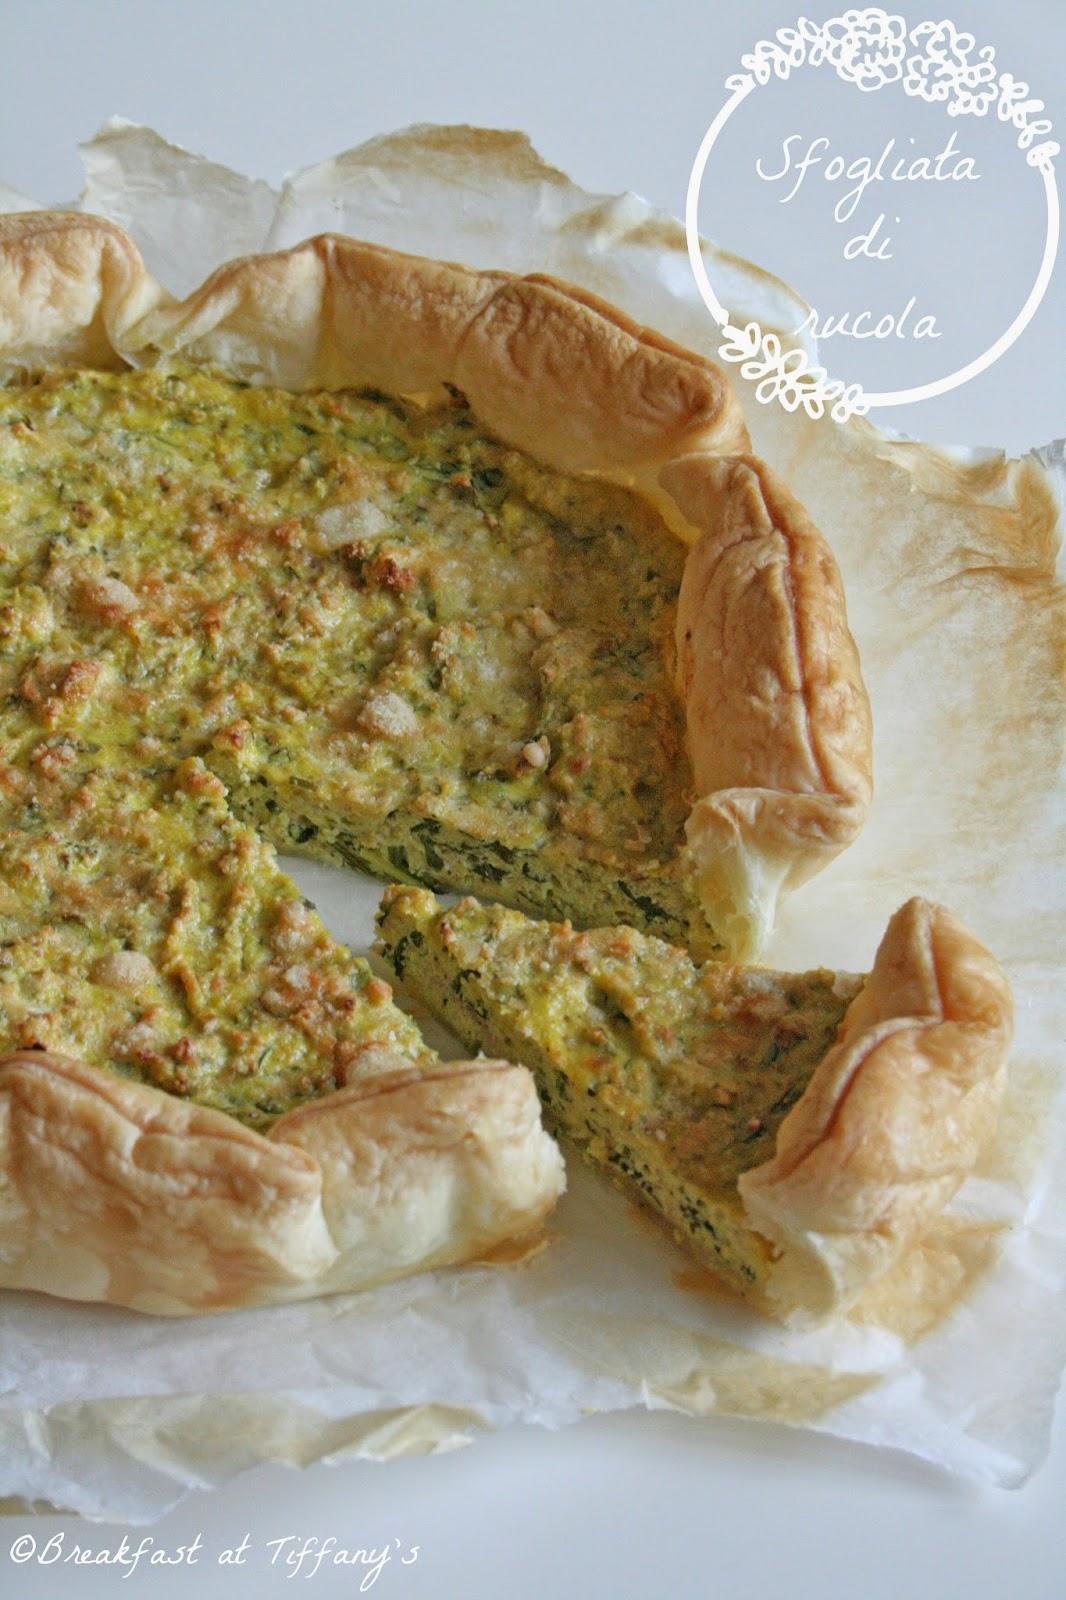 sfogliata di rucola / puff pastry tart with rocket